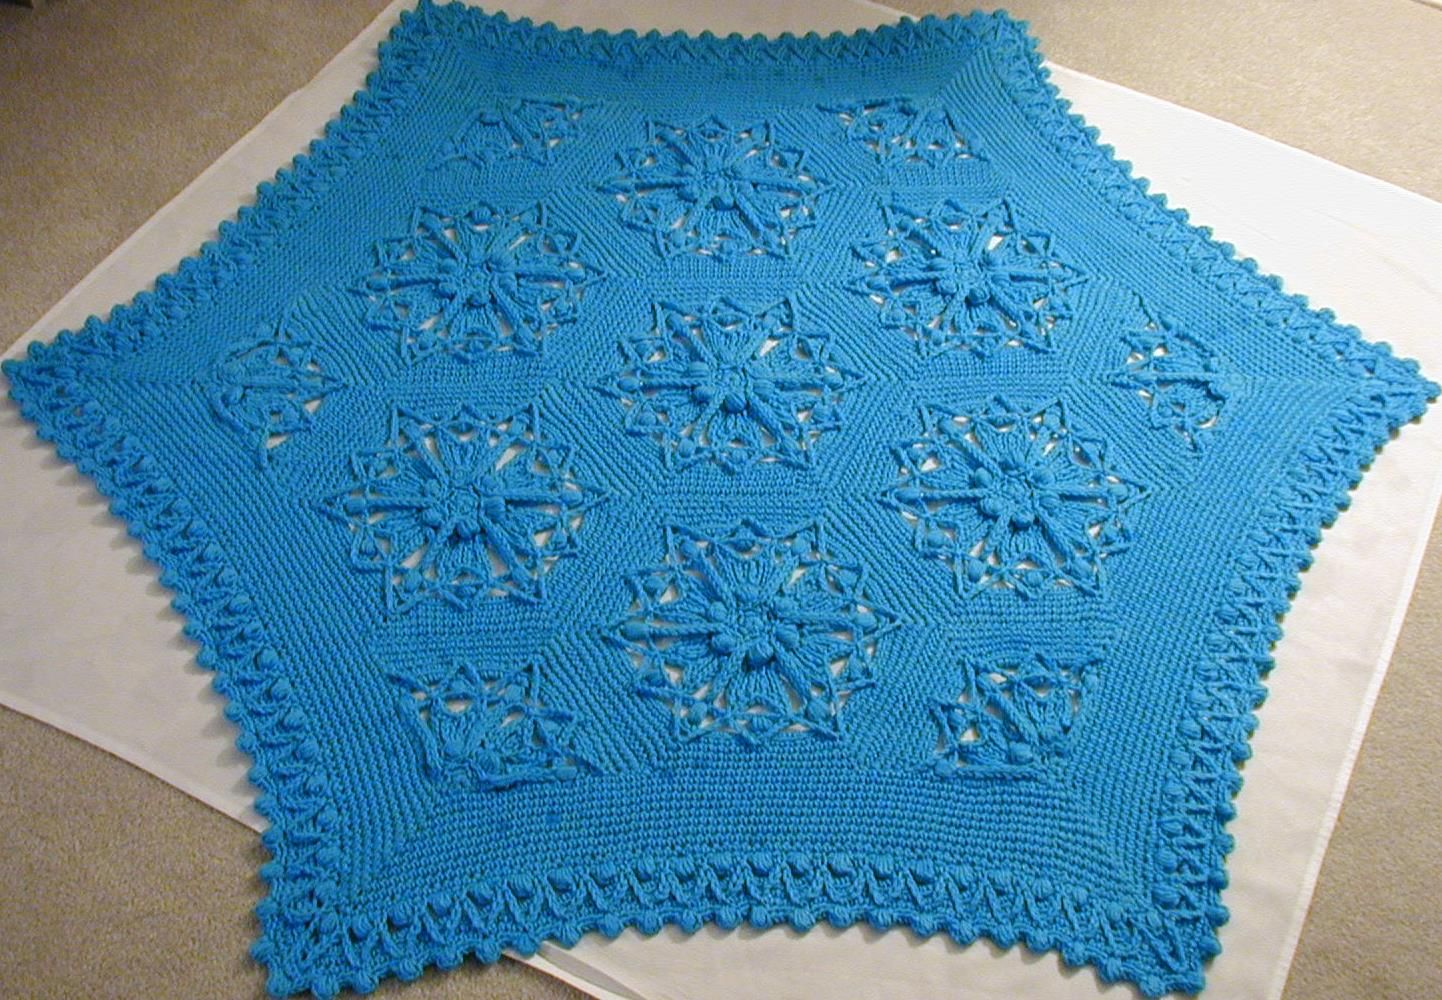 Hexed Crochet Medallion pattern at Skerin Knitting and Crochet dot com on the www